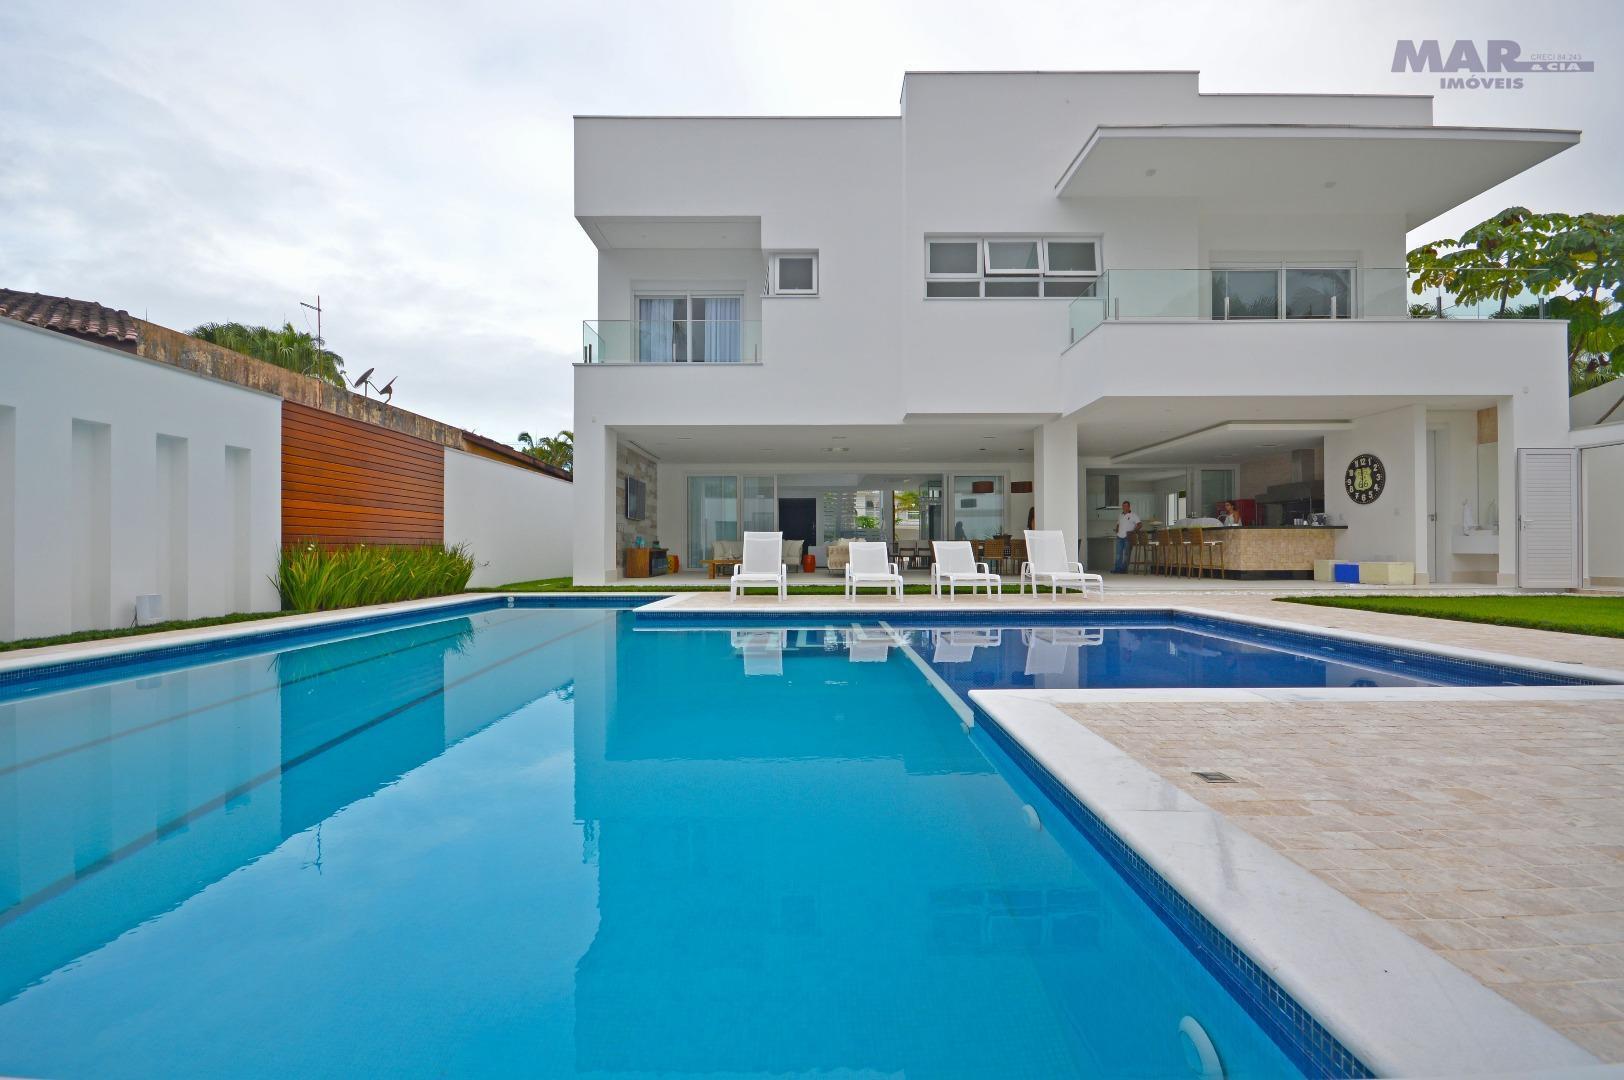 Jardim Acapulco - Mansão Nova - Melhor Avenida do Condomínio - 6 Suítes